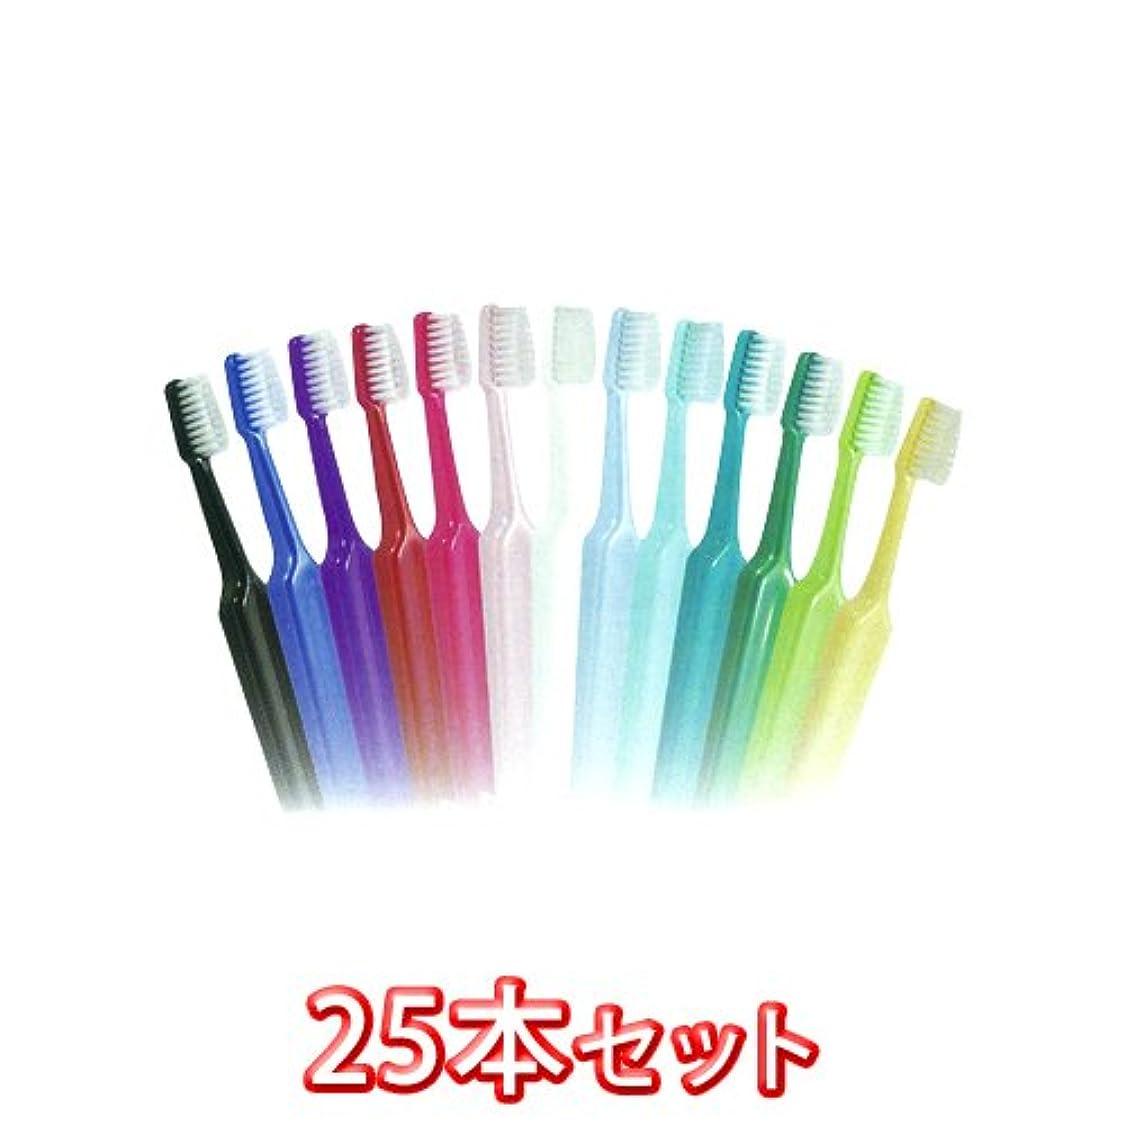 マントル一般的な苦難クロスフィールド TePe テペ セレクトミディアム 歯ブラシ 25本入